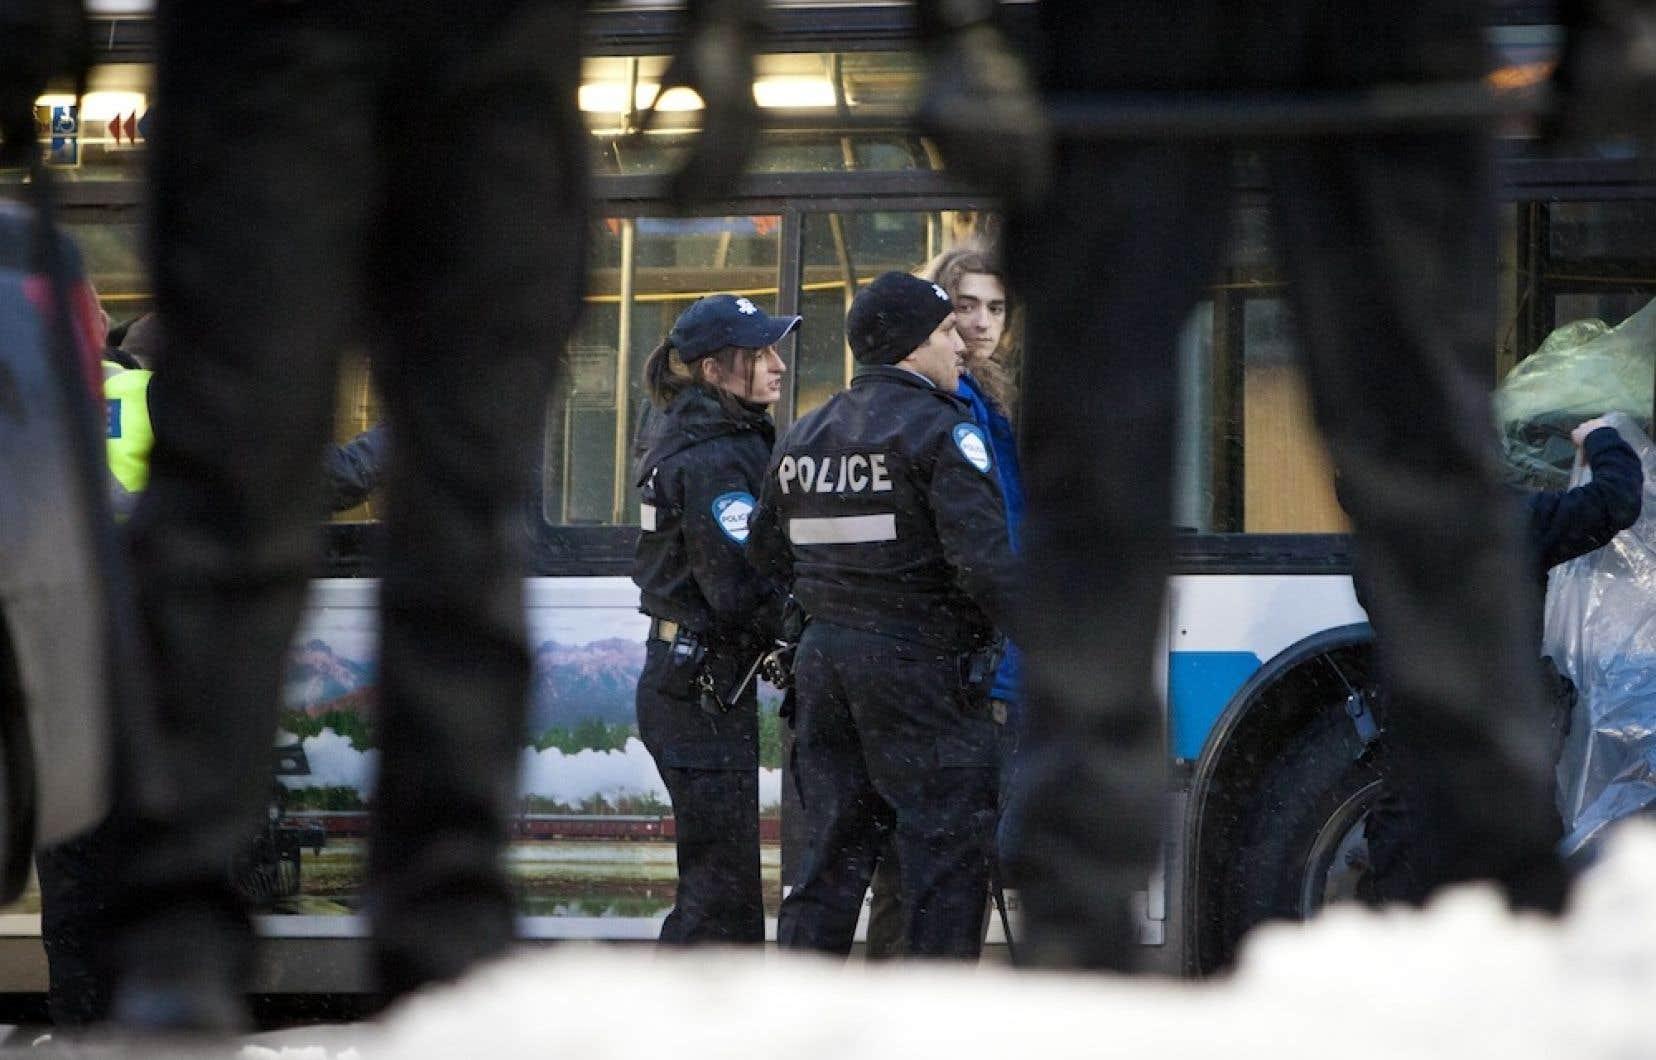 Le gouvernement péquiste a abrogé la loi 78, et ainsi l'obligation faite aux manifestants de dévoiler leur itinéraire. Mais cette disposition est demeurée en vigueur à Montréal et Québec, qui avaient fait voter des règlements municipaux à cet effet.